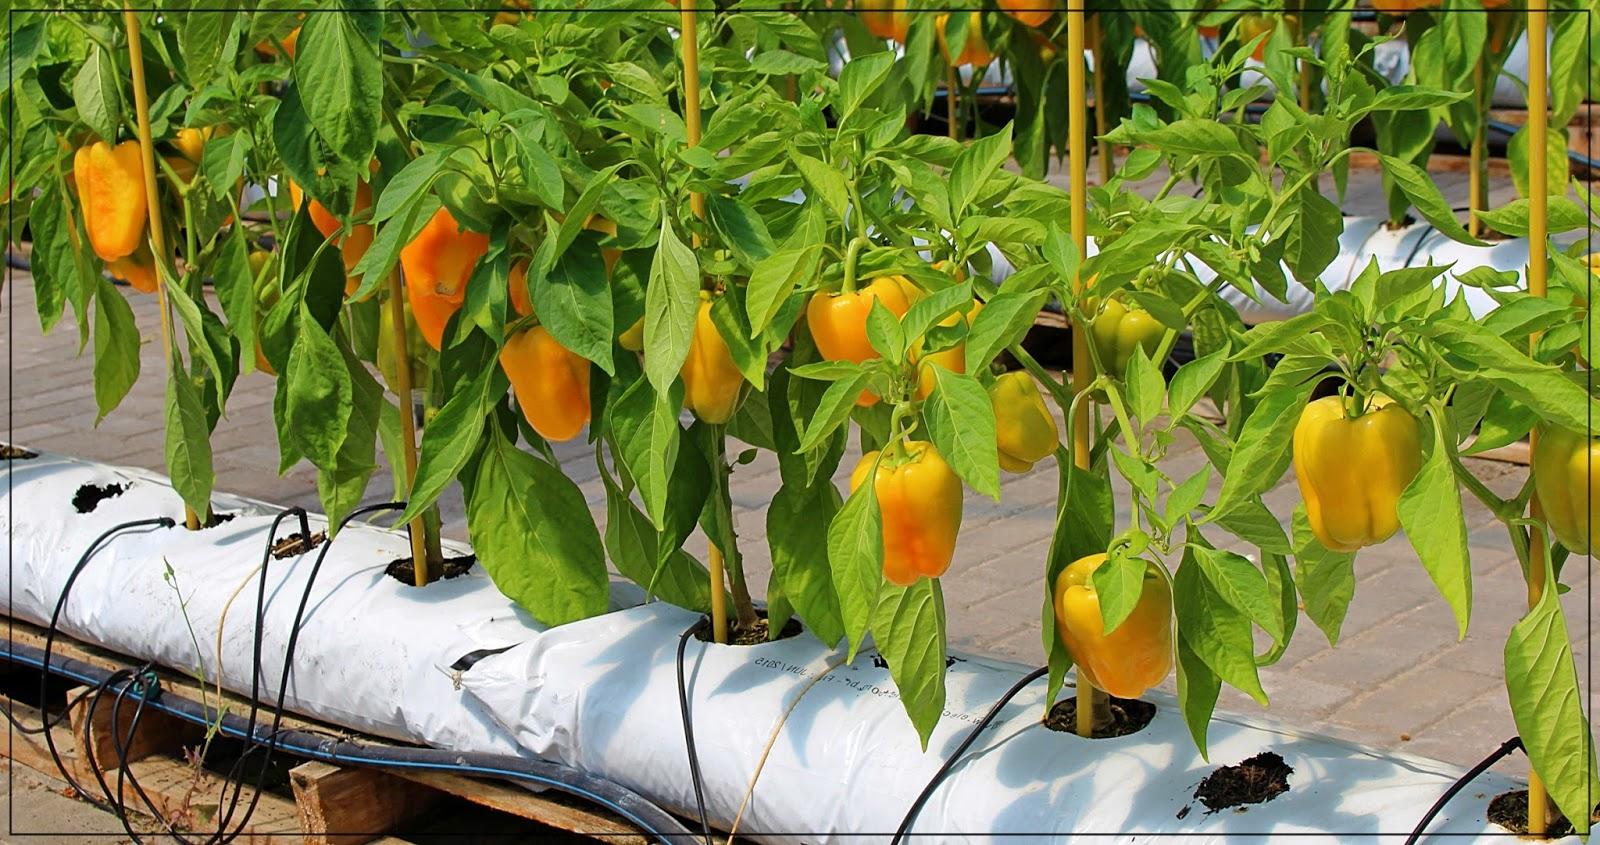 Beberapa Jenis Sayuran Hidroponik Dengan Nilai Jual Tinggi